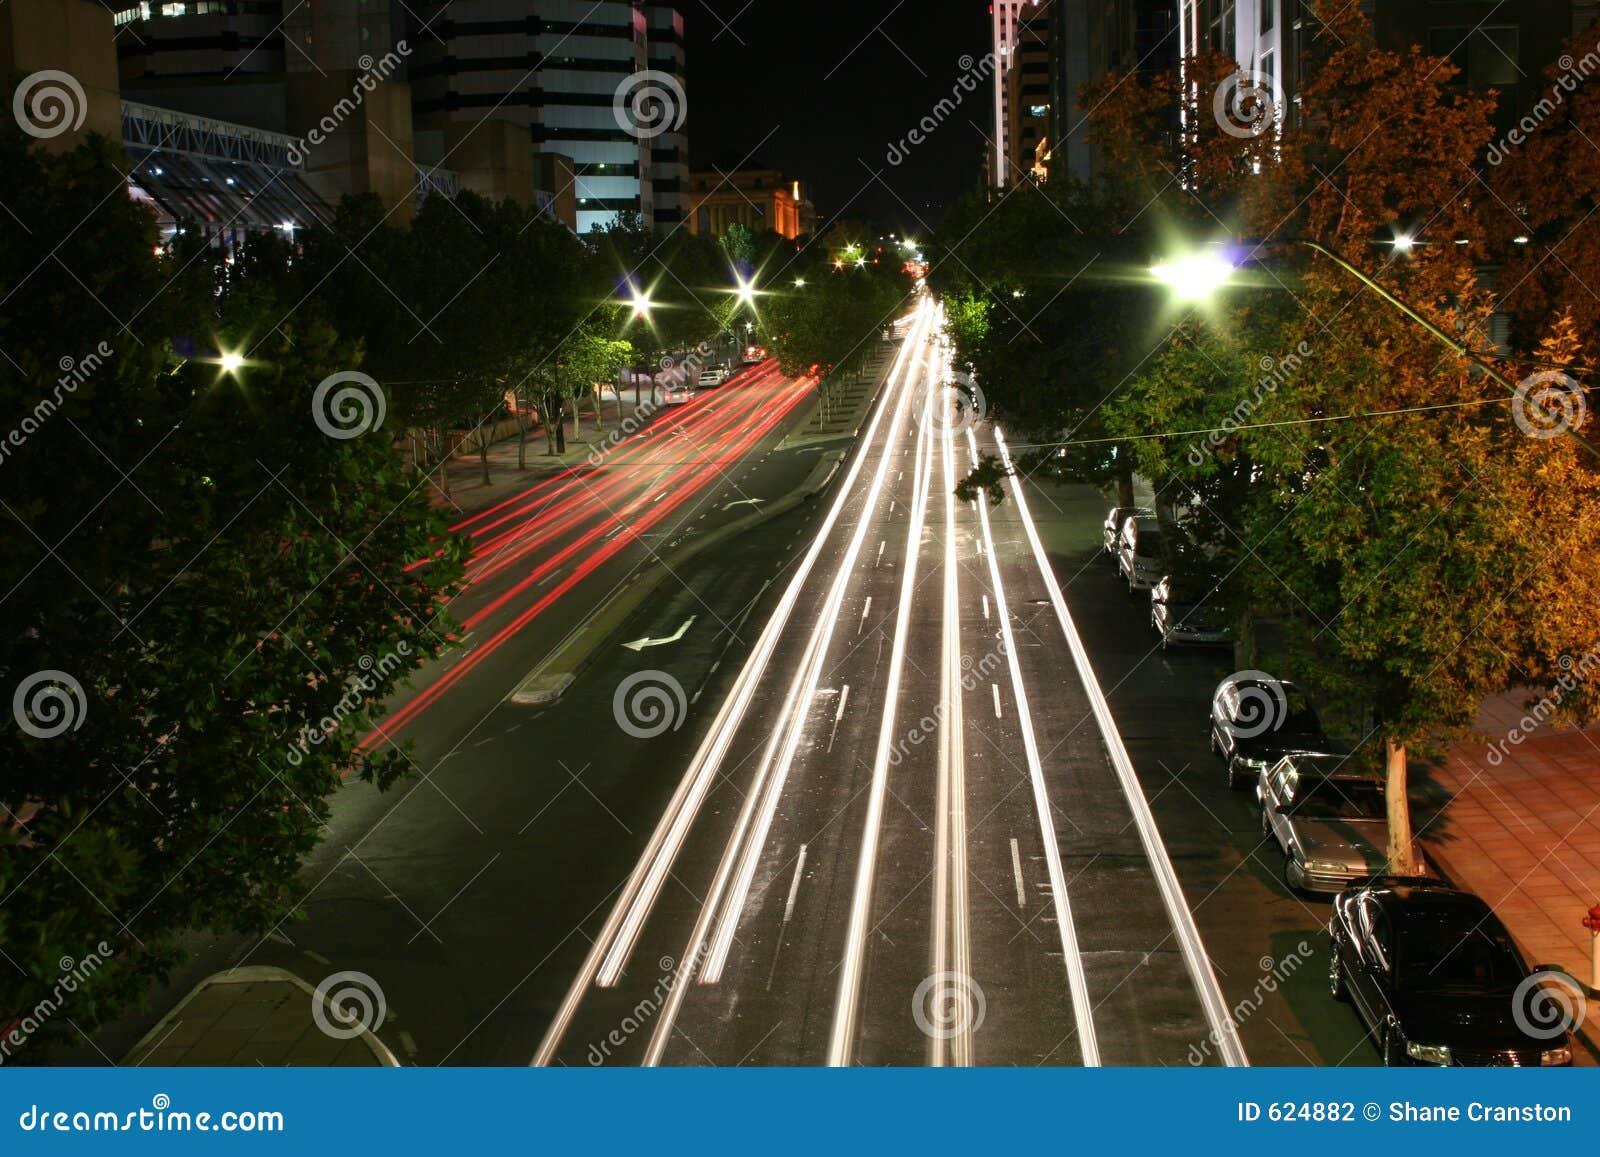 De straten zijn in leven